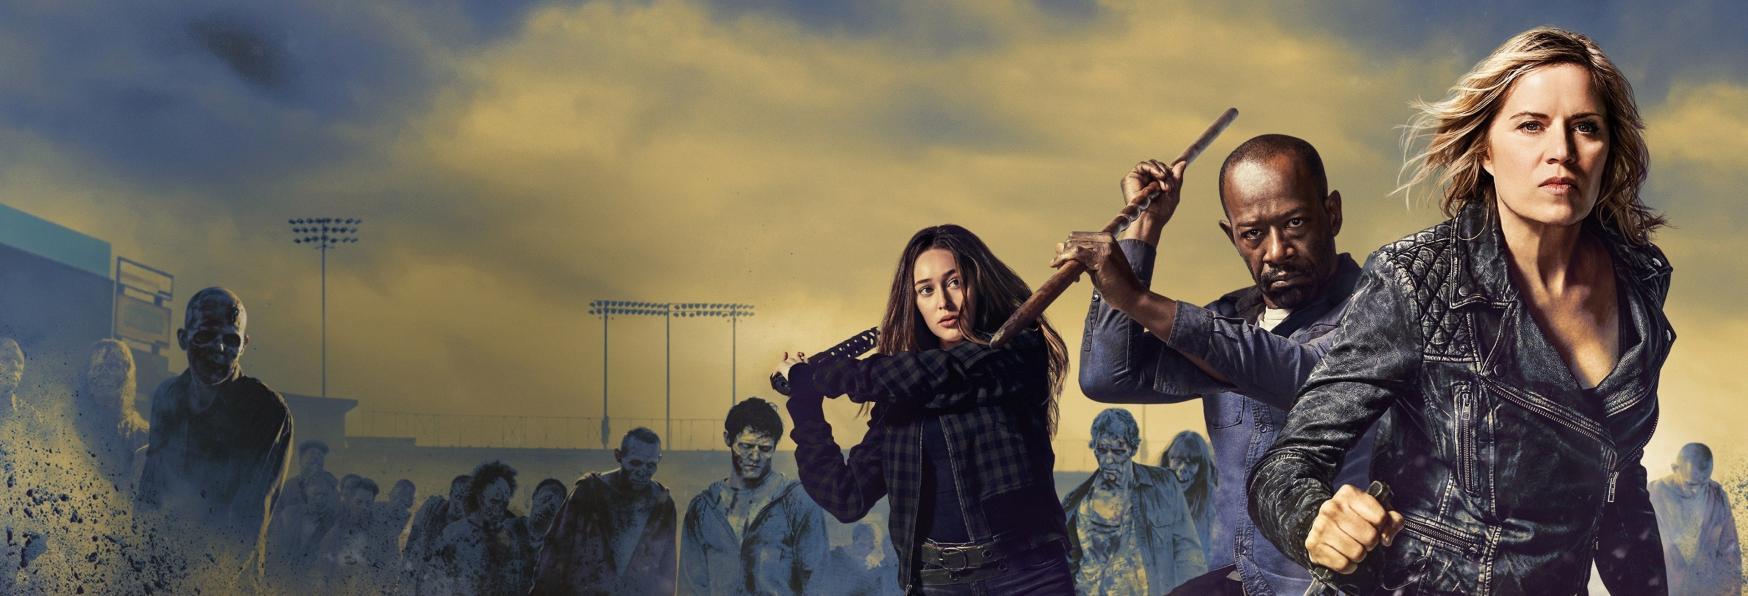 Fear the Walking Dead 6: Rilasciato il Trailer della Seconda Parte della Stagione